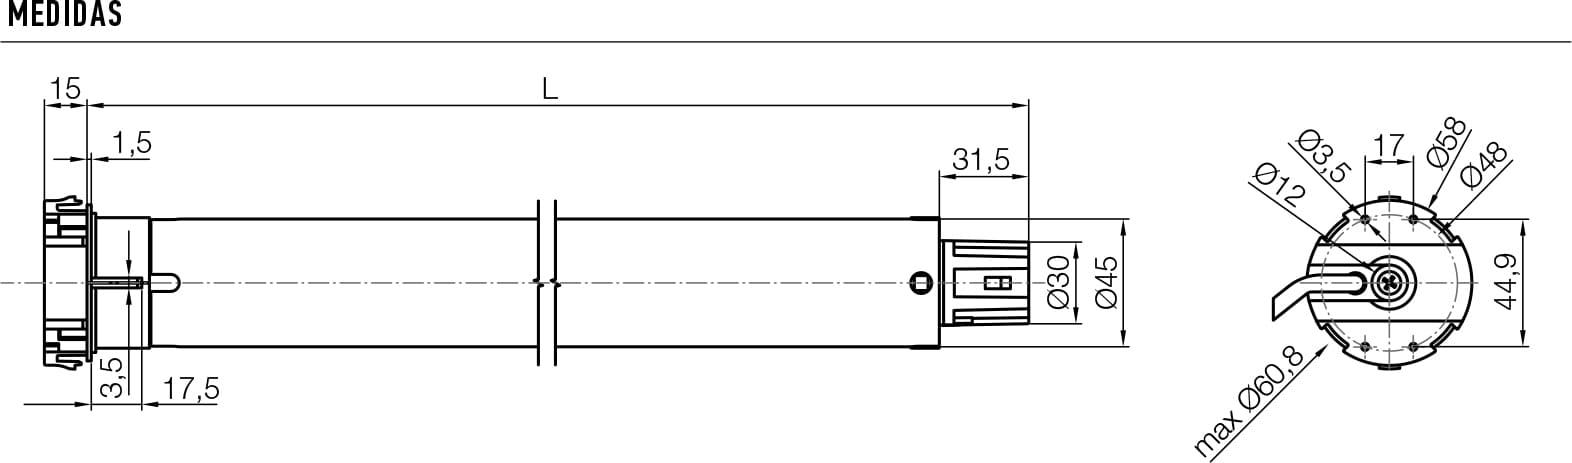 Era Mat MT 5012